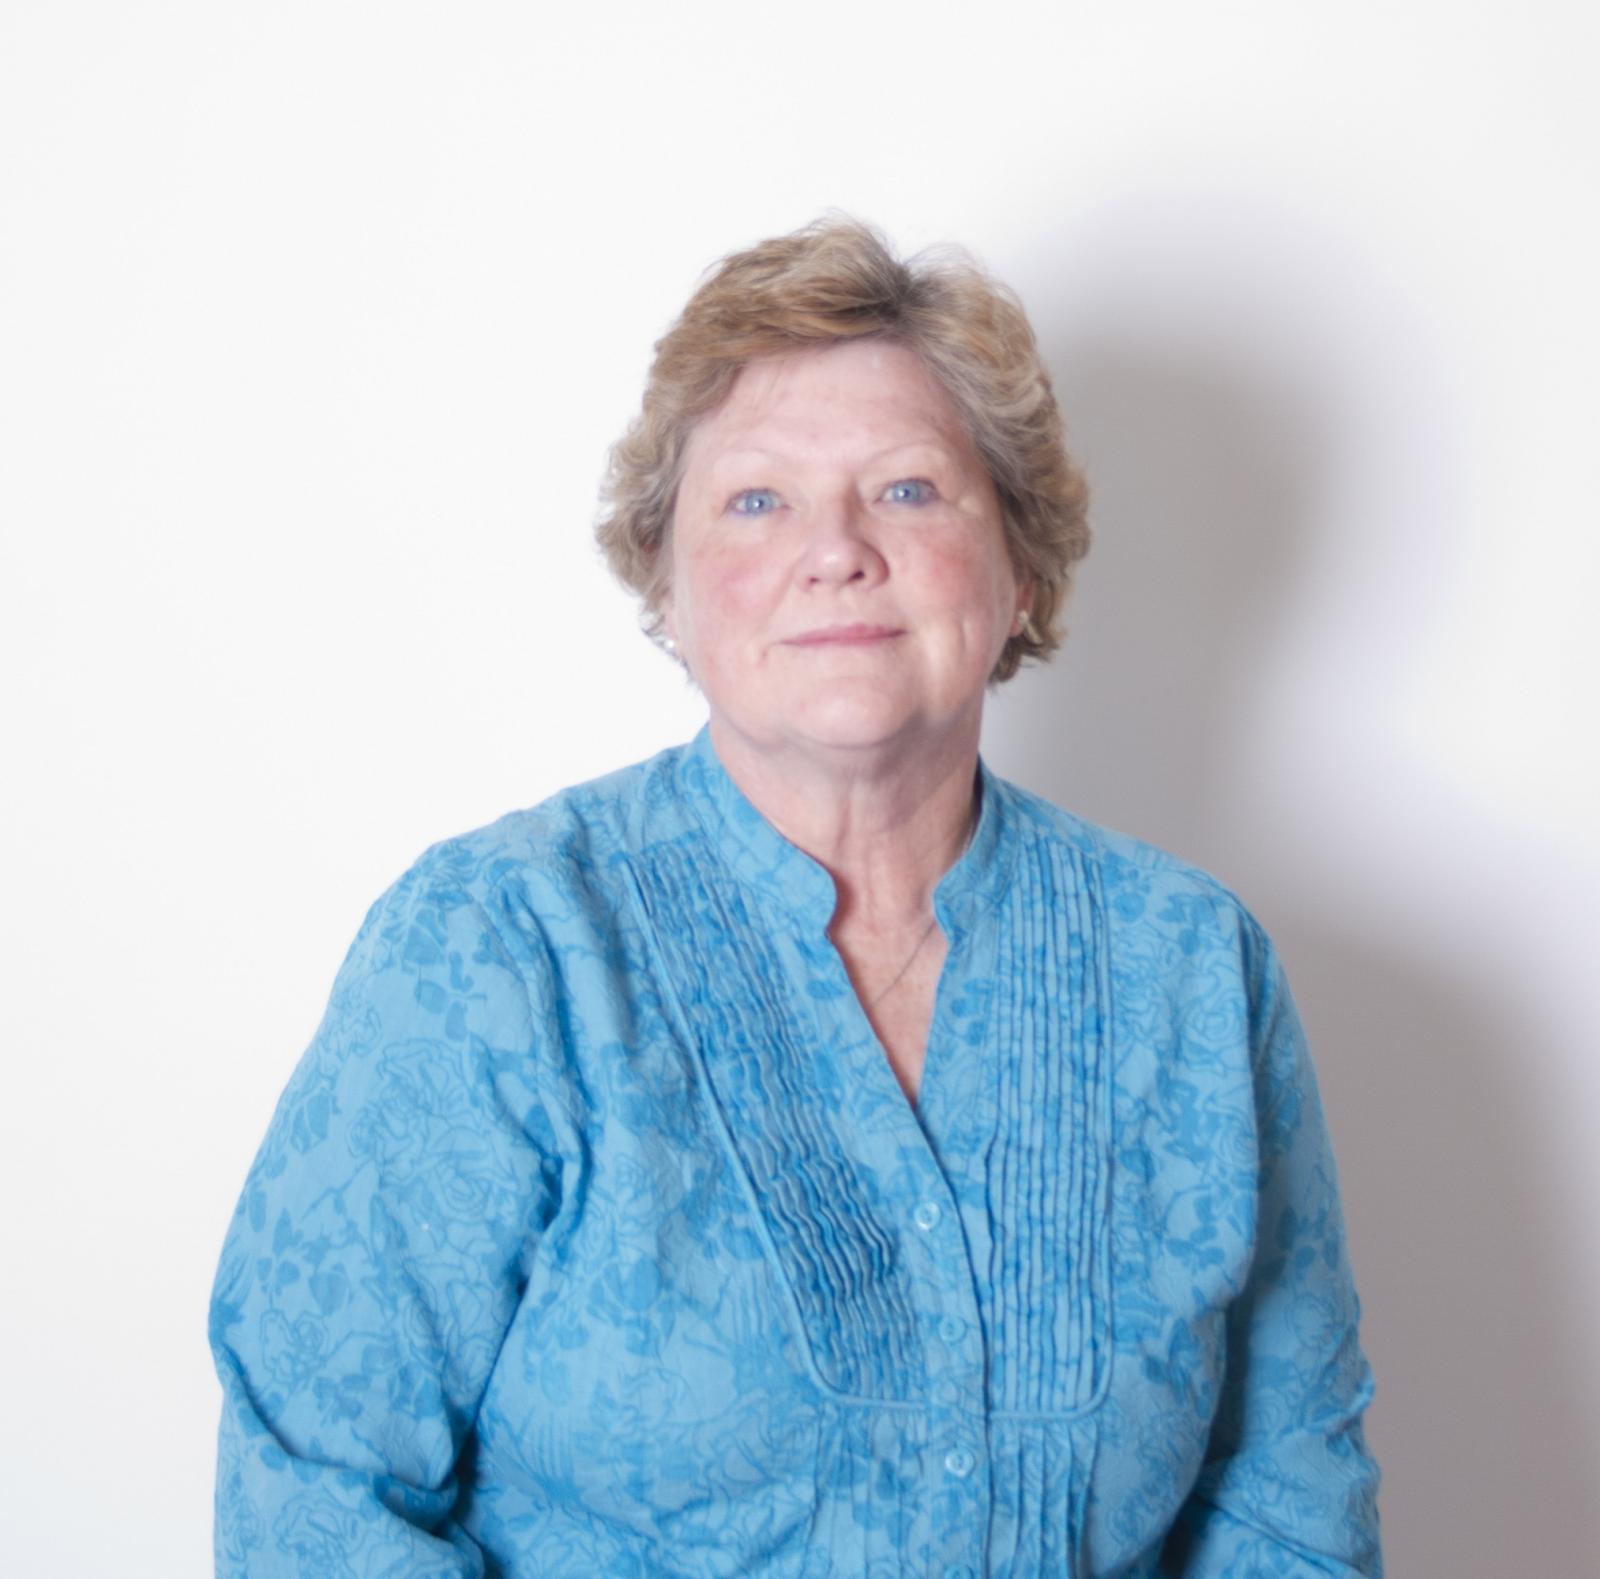 Vicky Sorensen